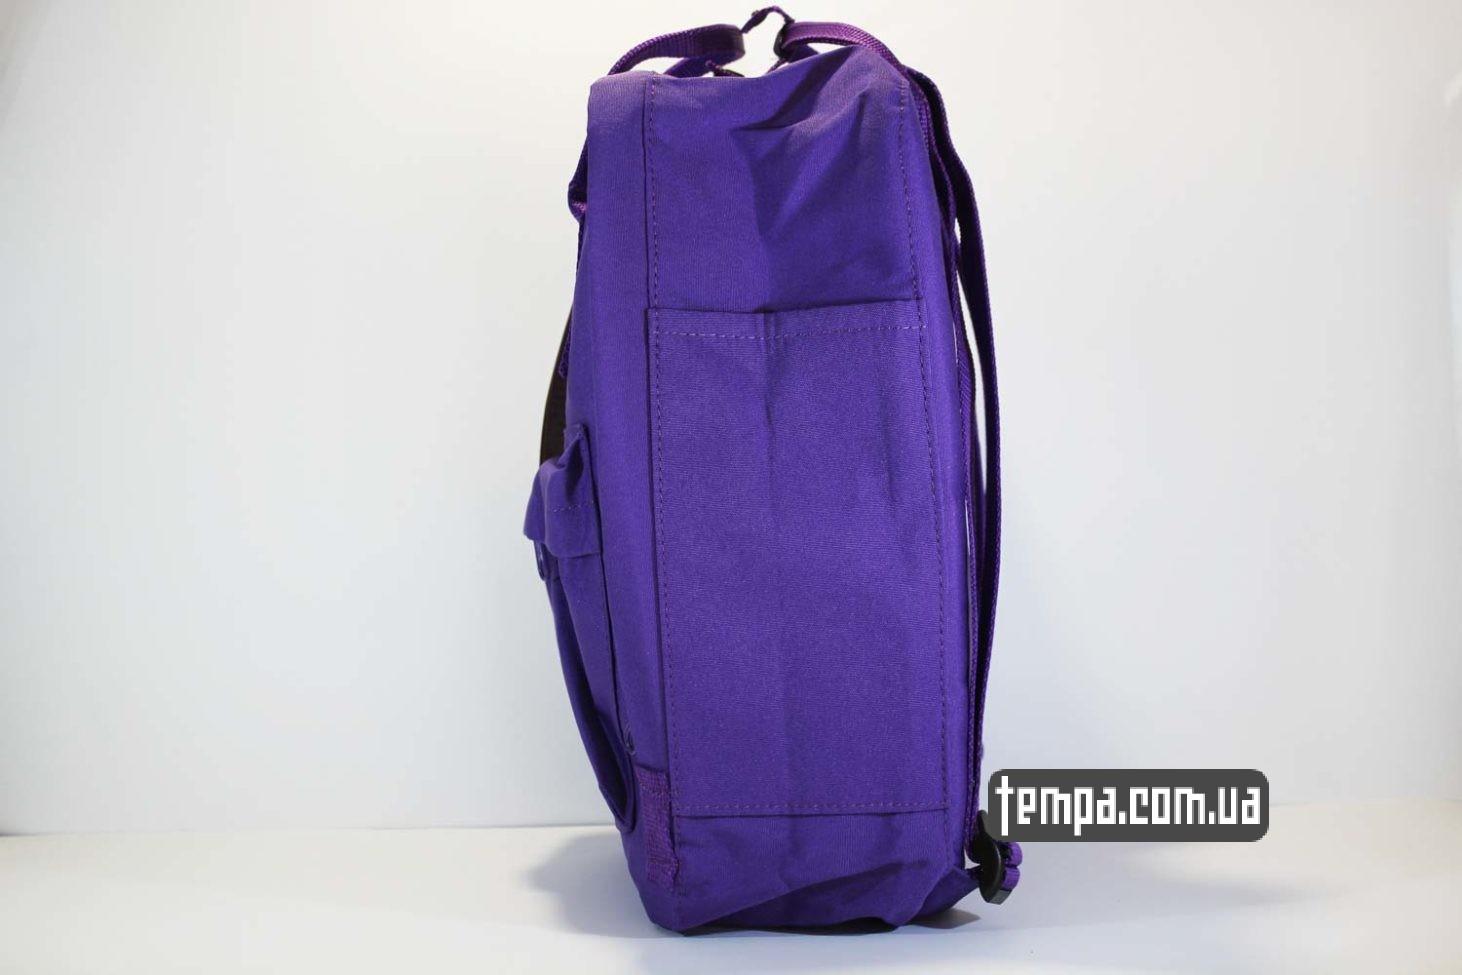 канкен купить оригинал рюкзак re kanken fjallraven purple сиреневый фиолетовый